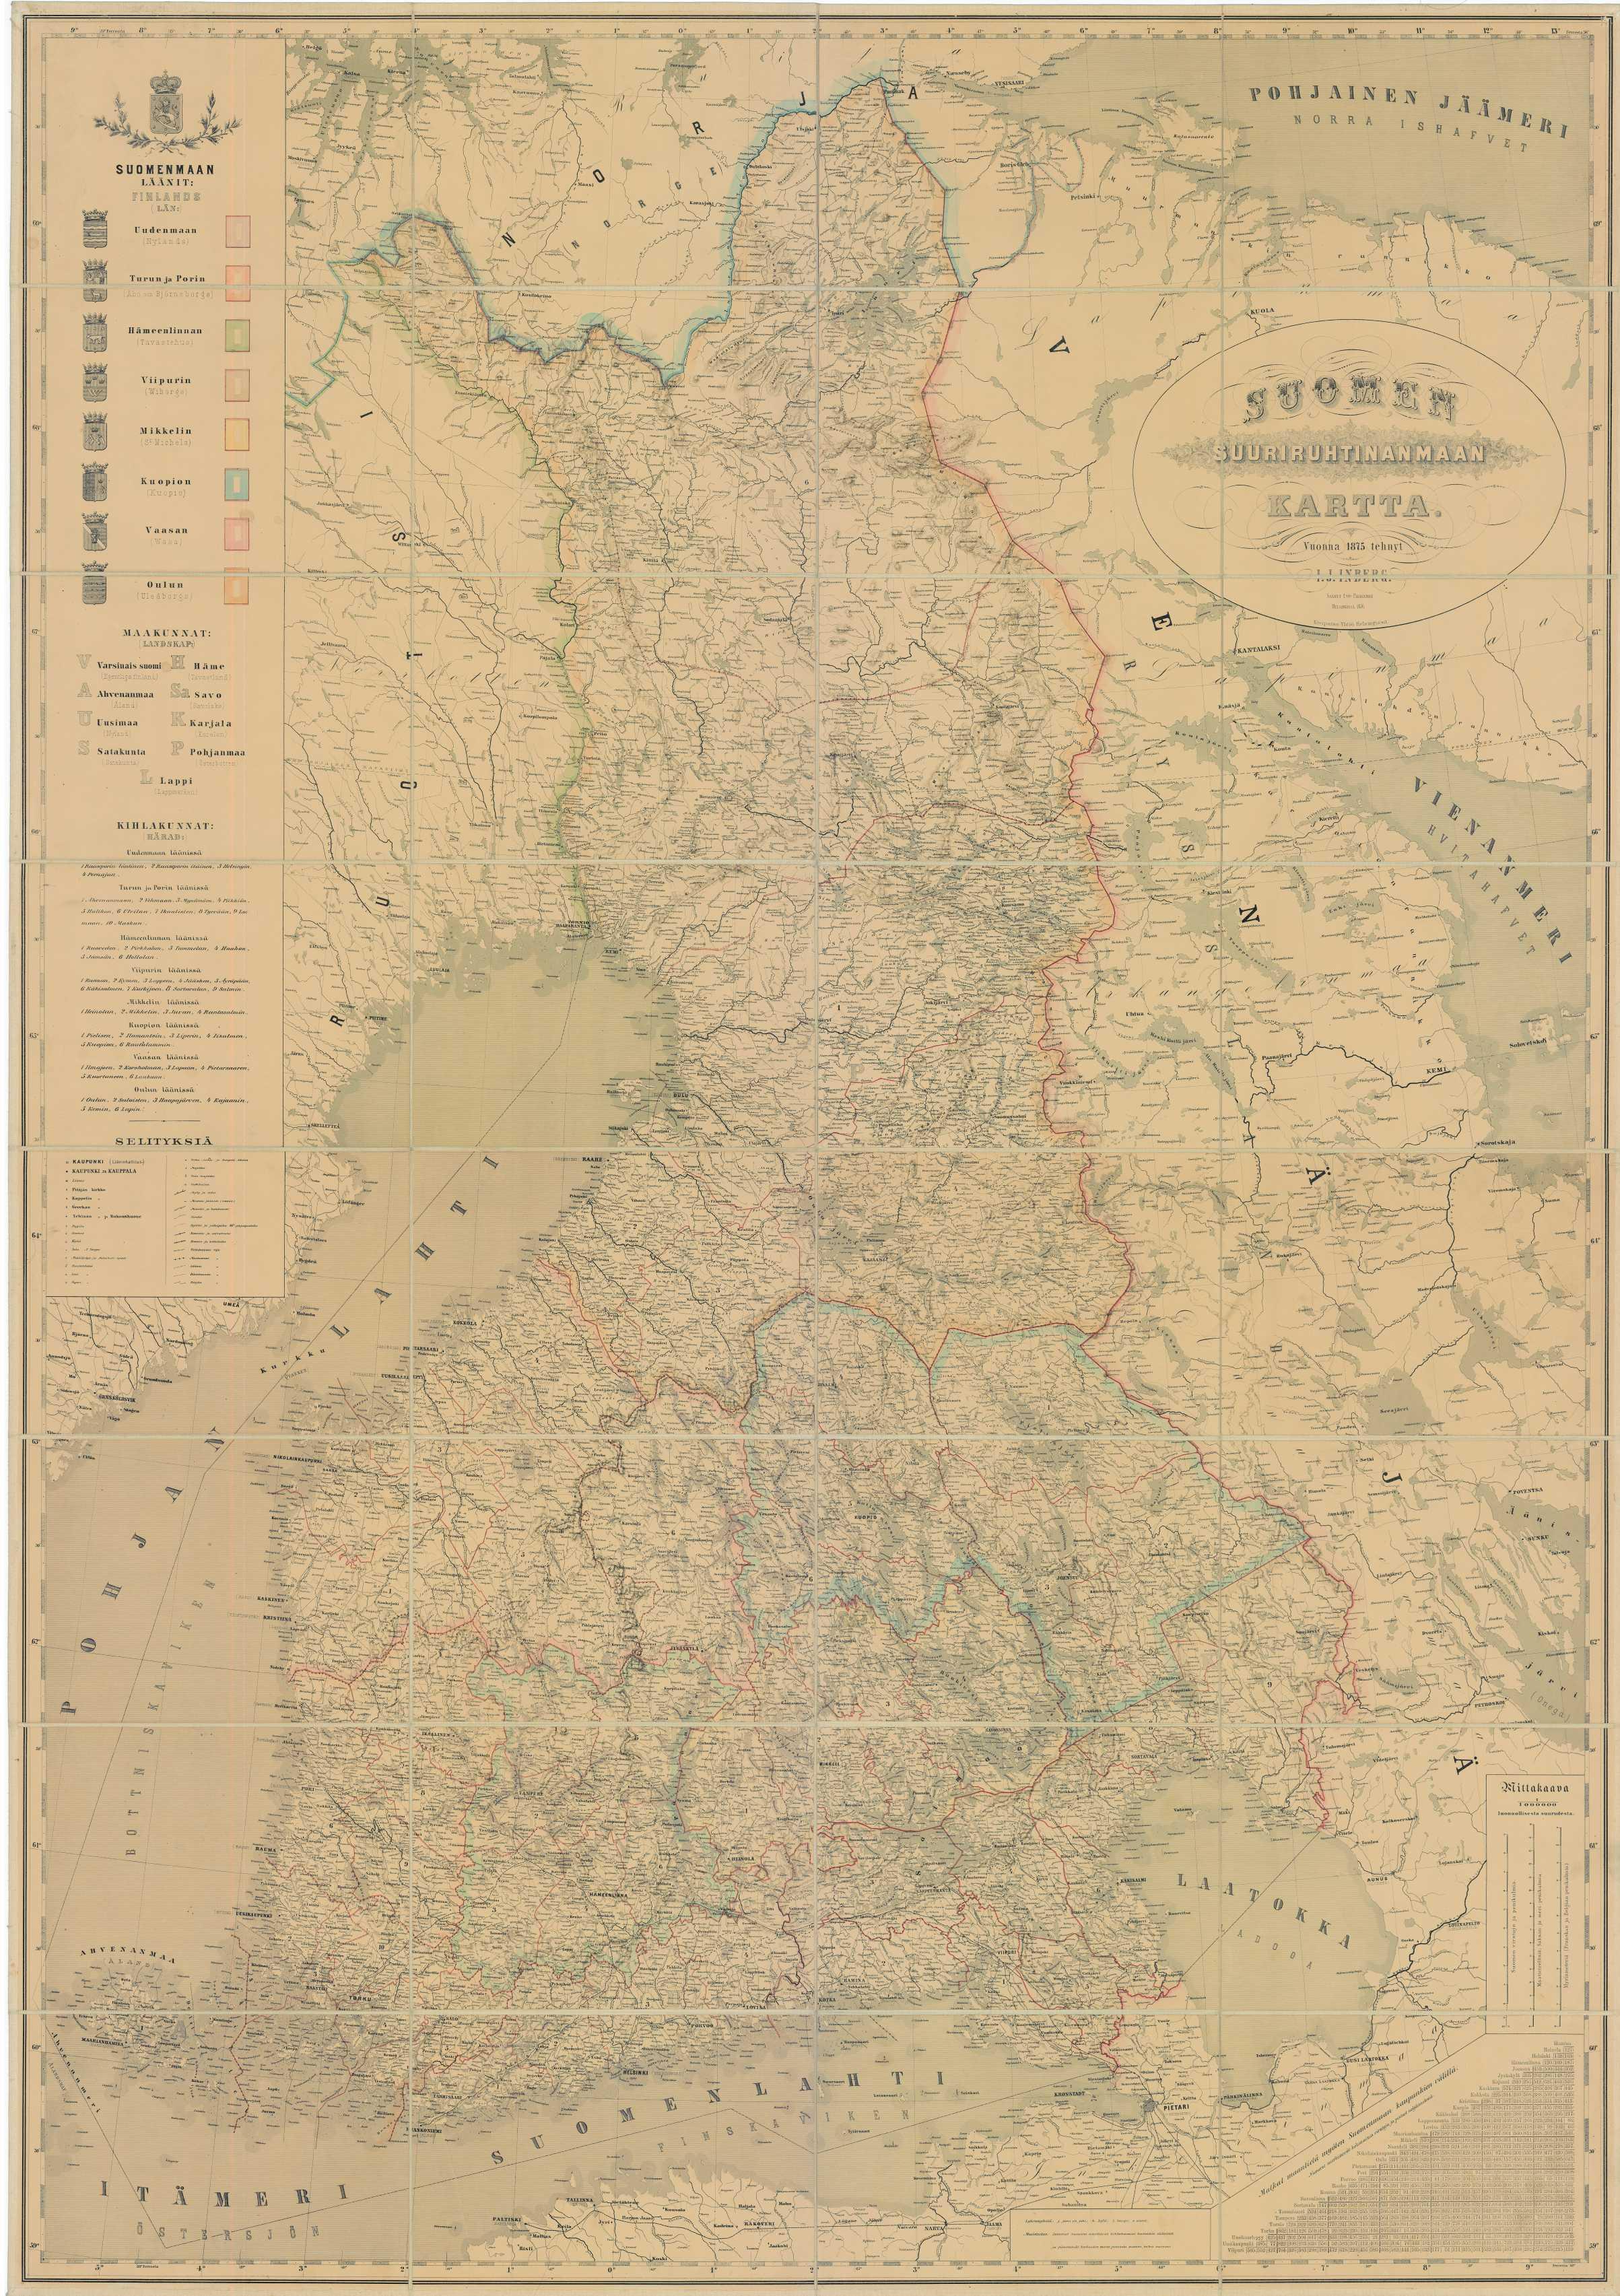 Suomen Suuriruhtinanmaan Kartta Vuonna 1875 Tehnyt I J Inberg